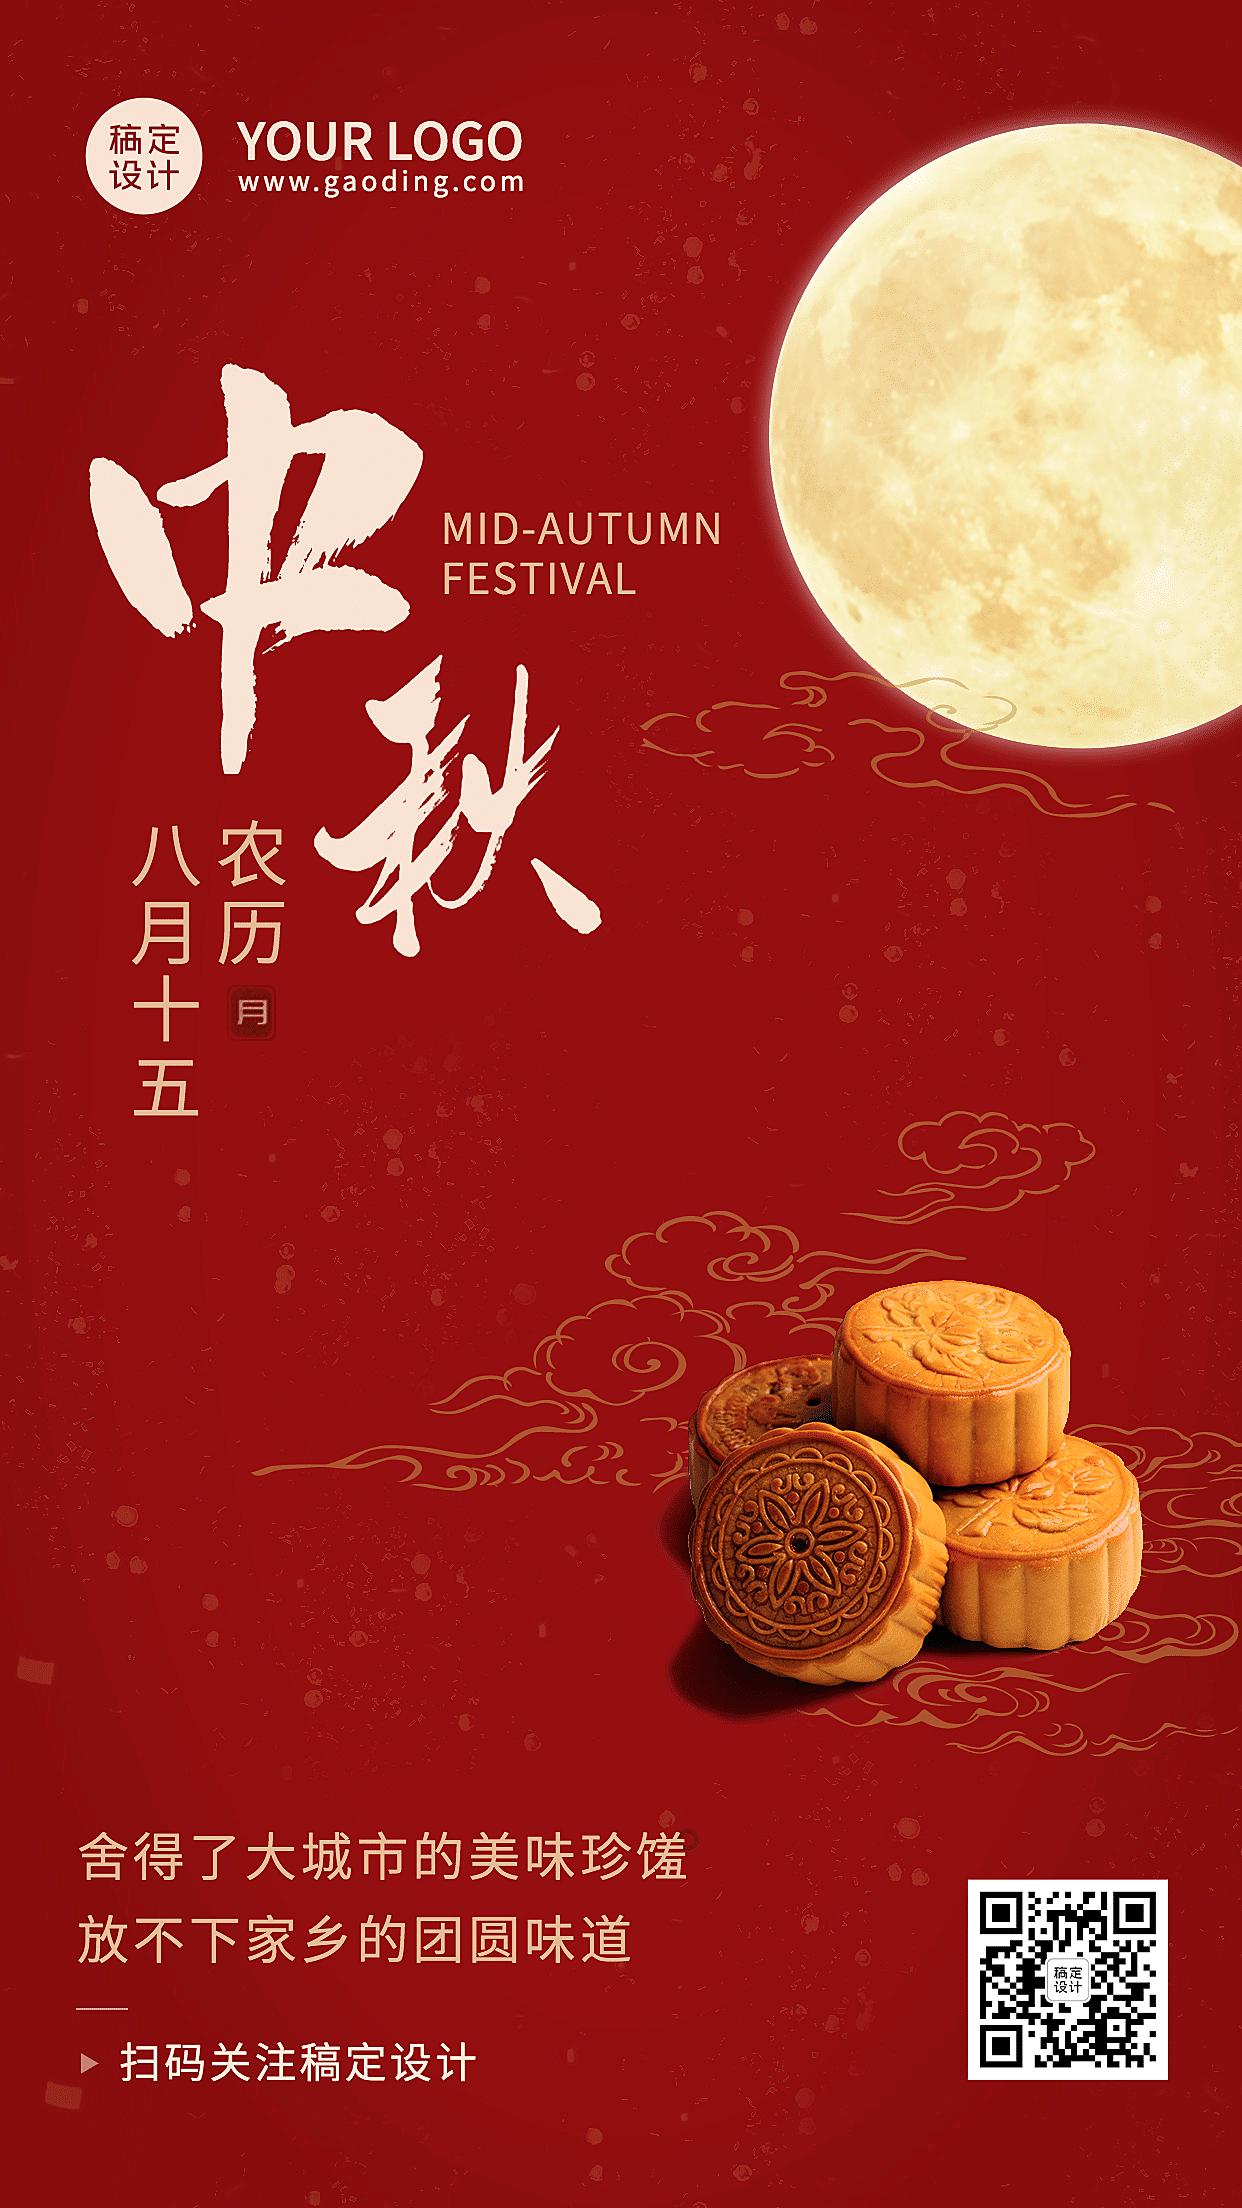 中秋节祝福团圆合成手机海报